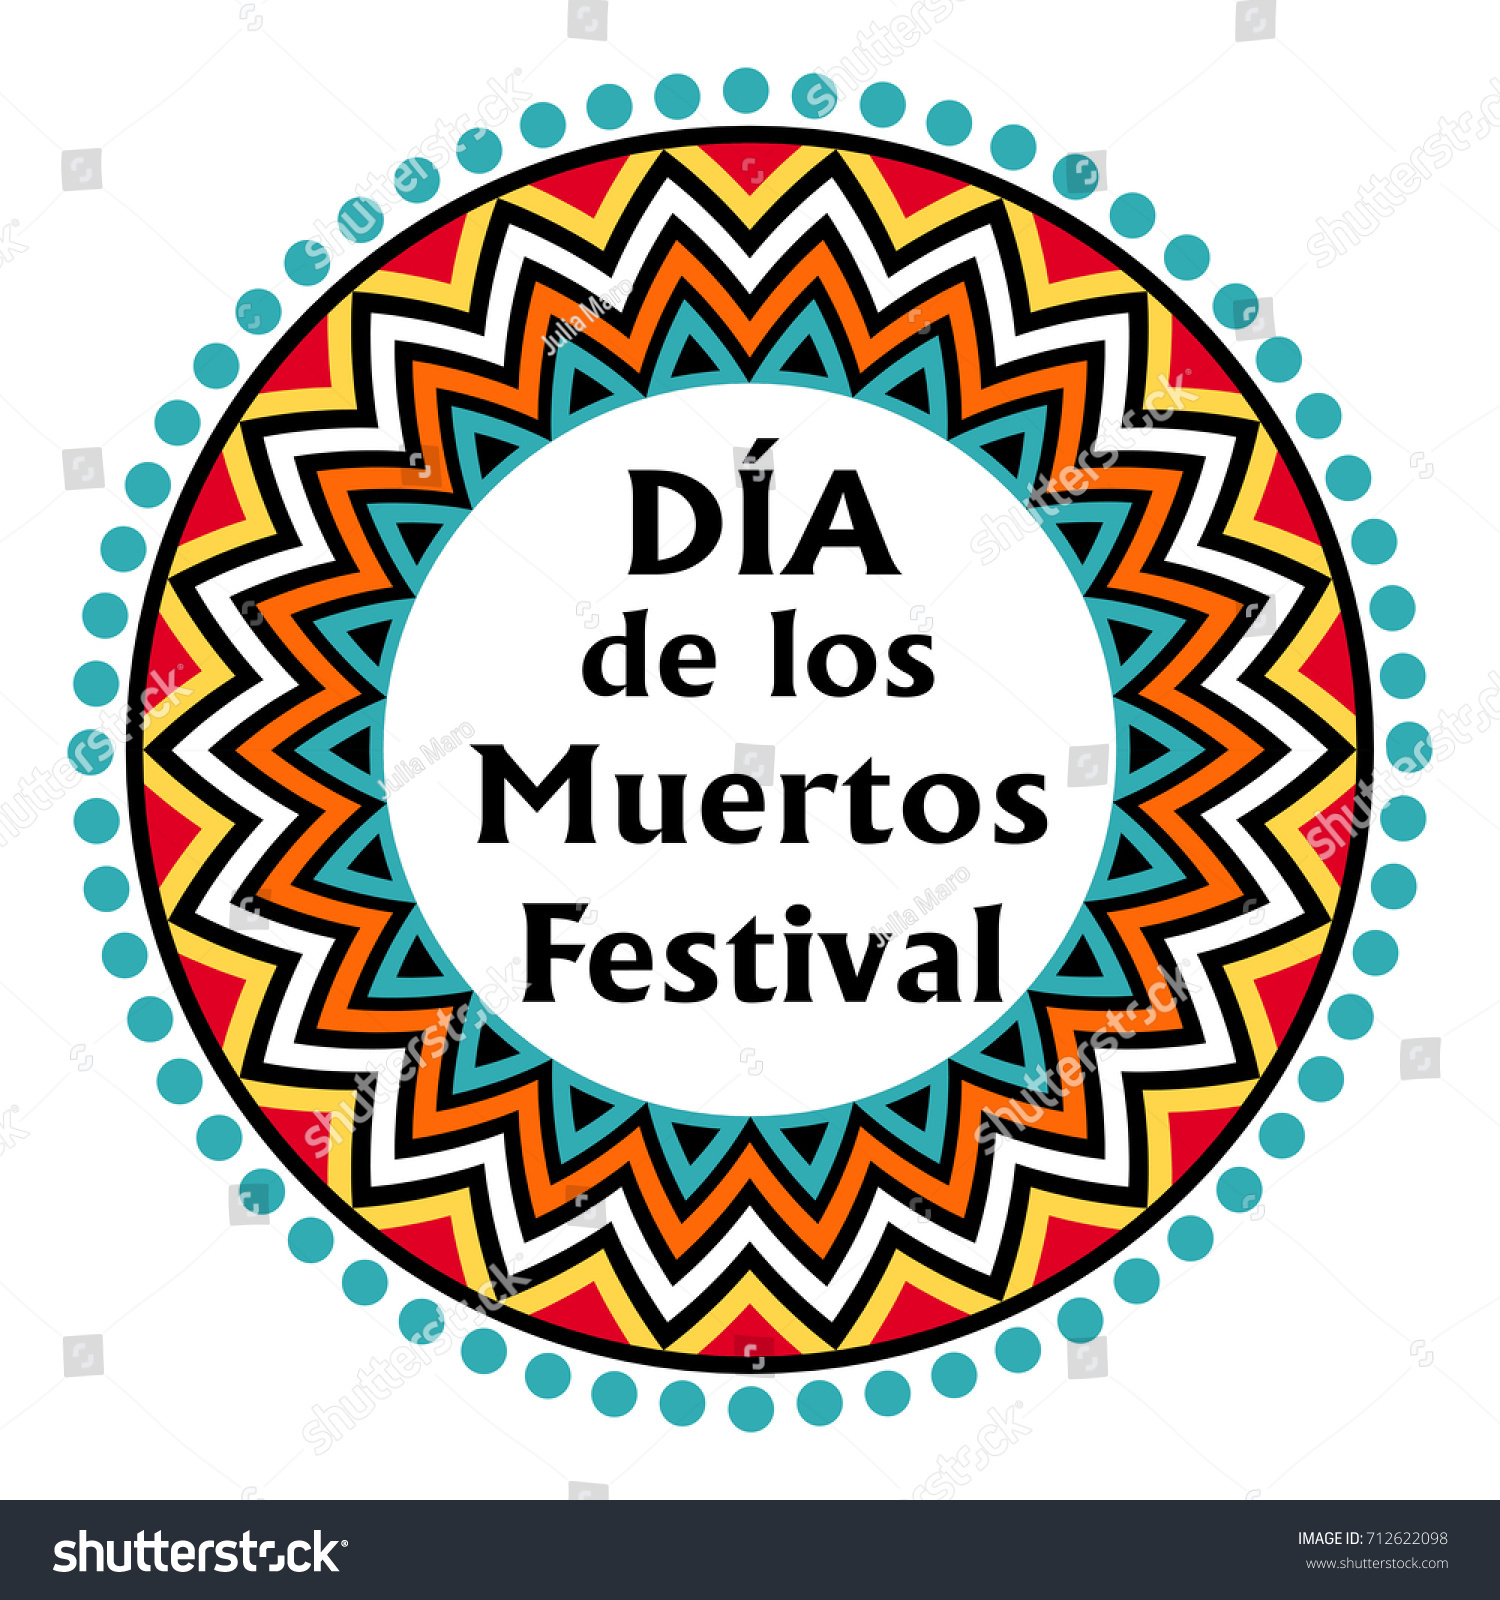 Dia De Los Muertos Fiesta Round Stock Vector (Royalty Free ...